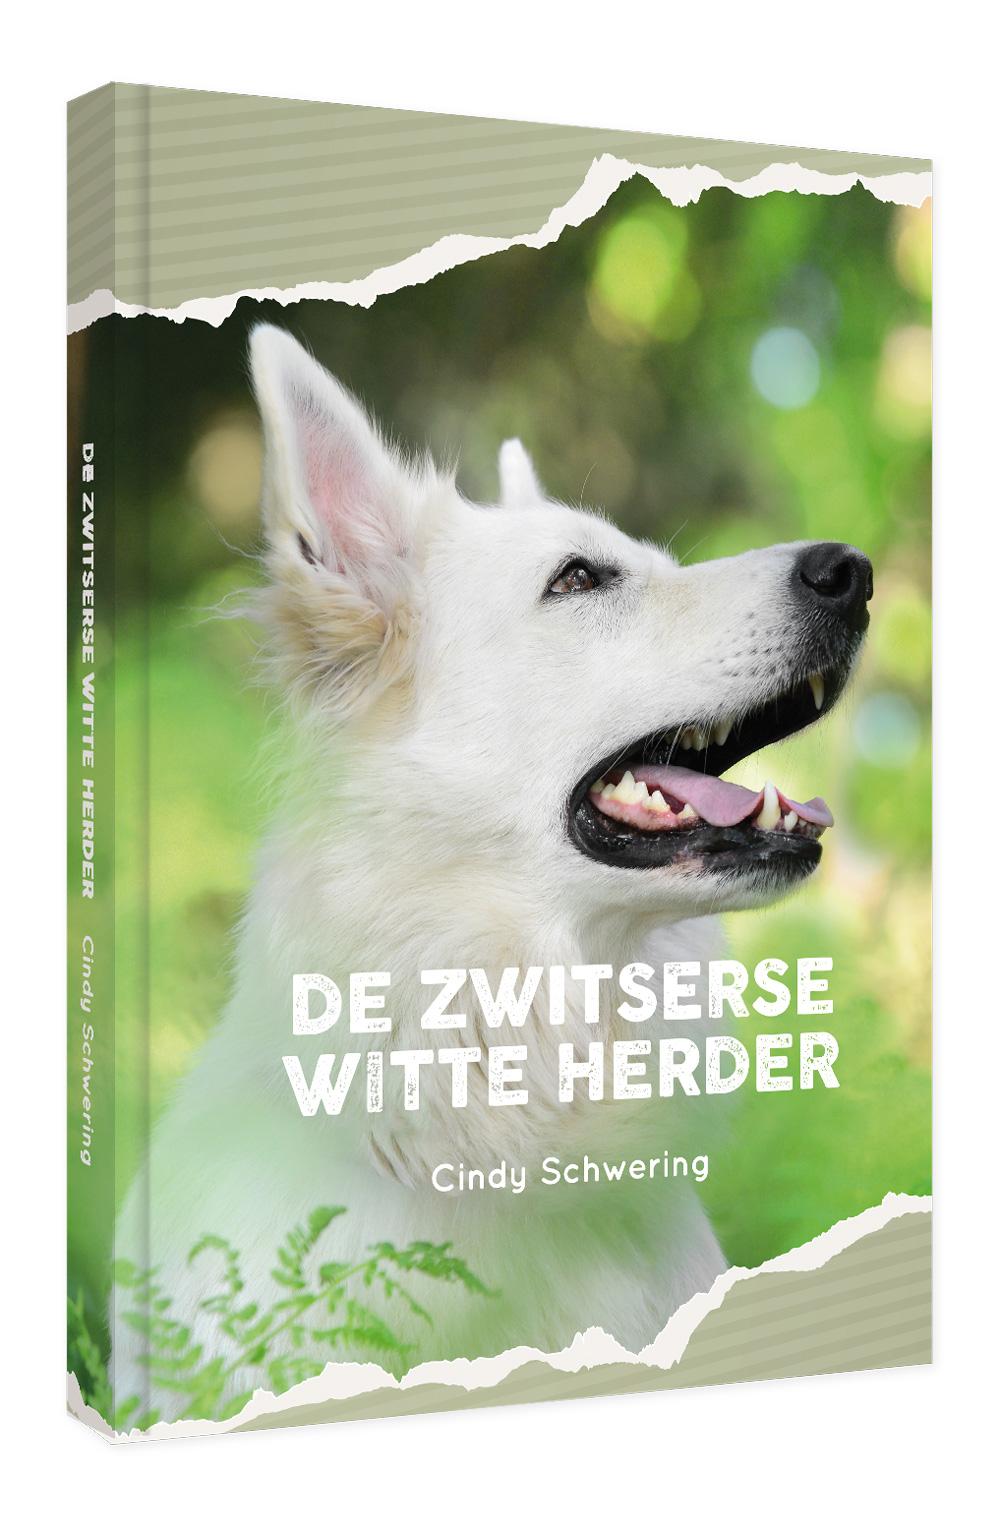 SCHWERING de Zwitserse Witte Herder boekomslag